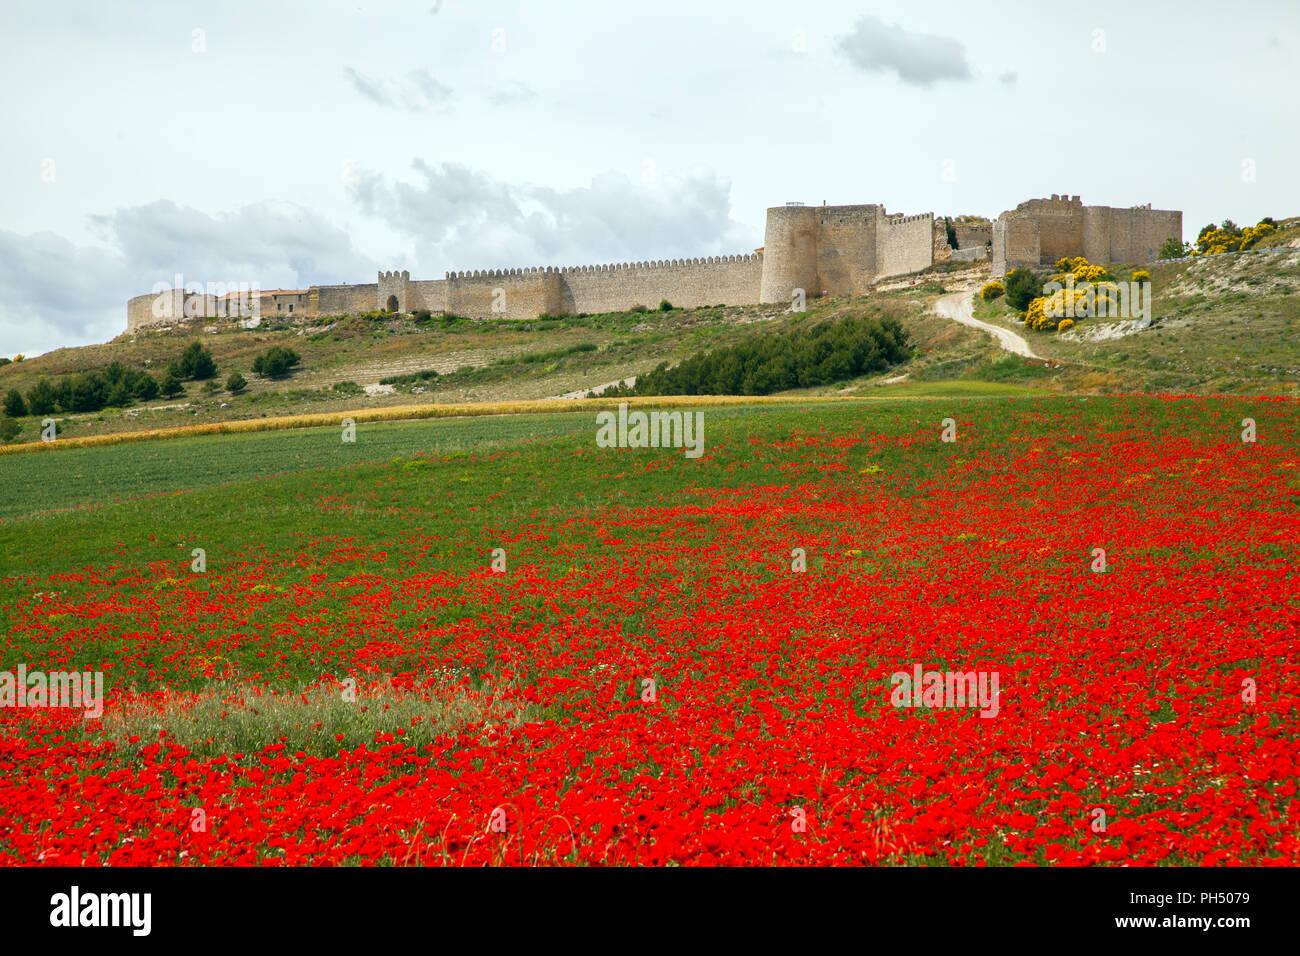 Lo spagnolo medievale cinto da mura di Uruena nella regione di Valladolid Castiglia y Leon in Spagna è conosciuta come Villa del Libro la città di libri Immagini Stock